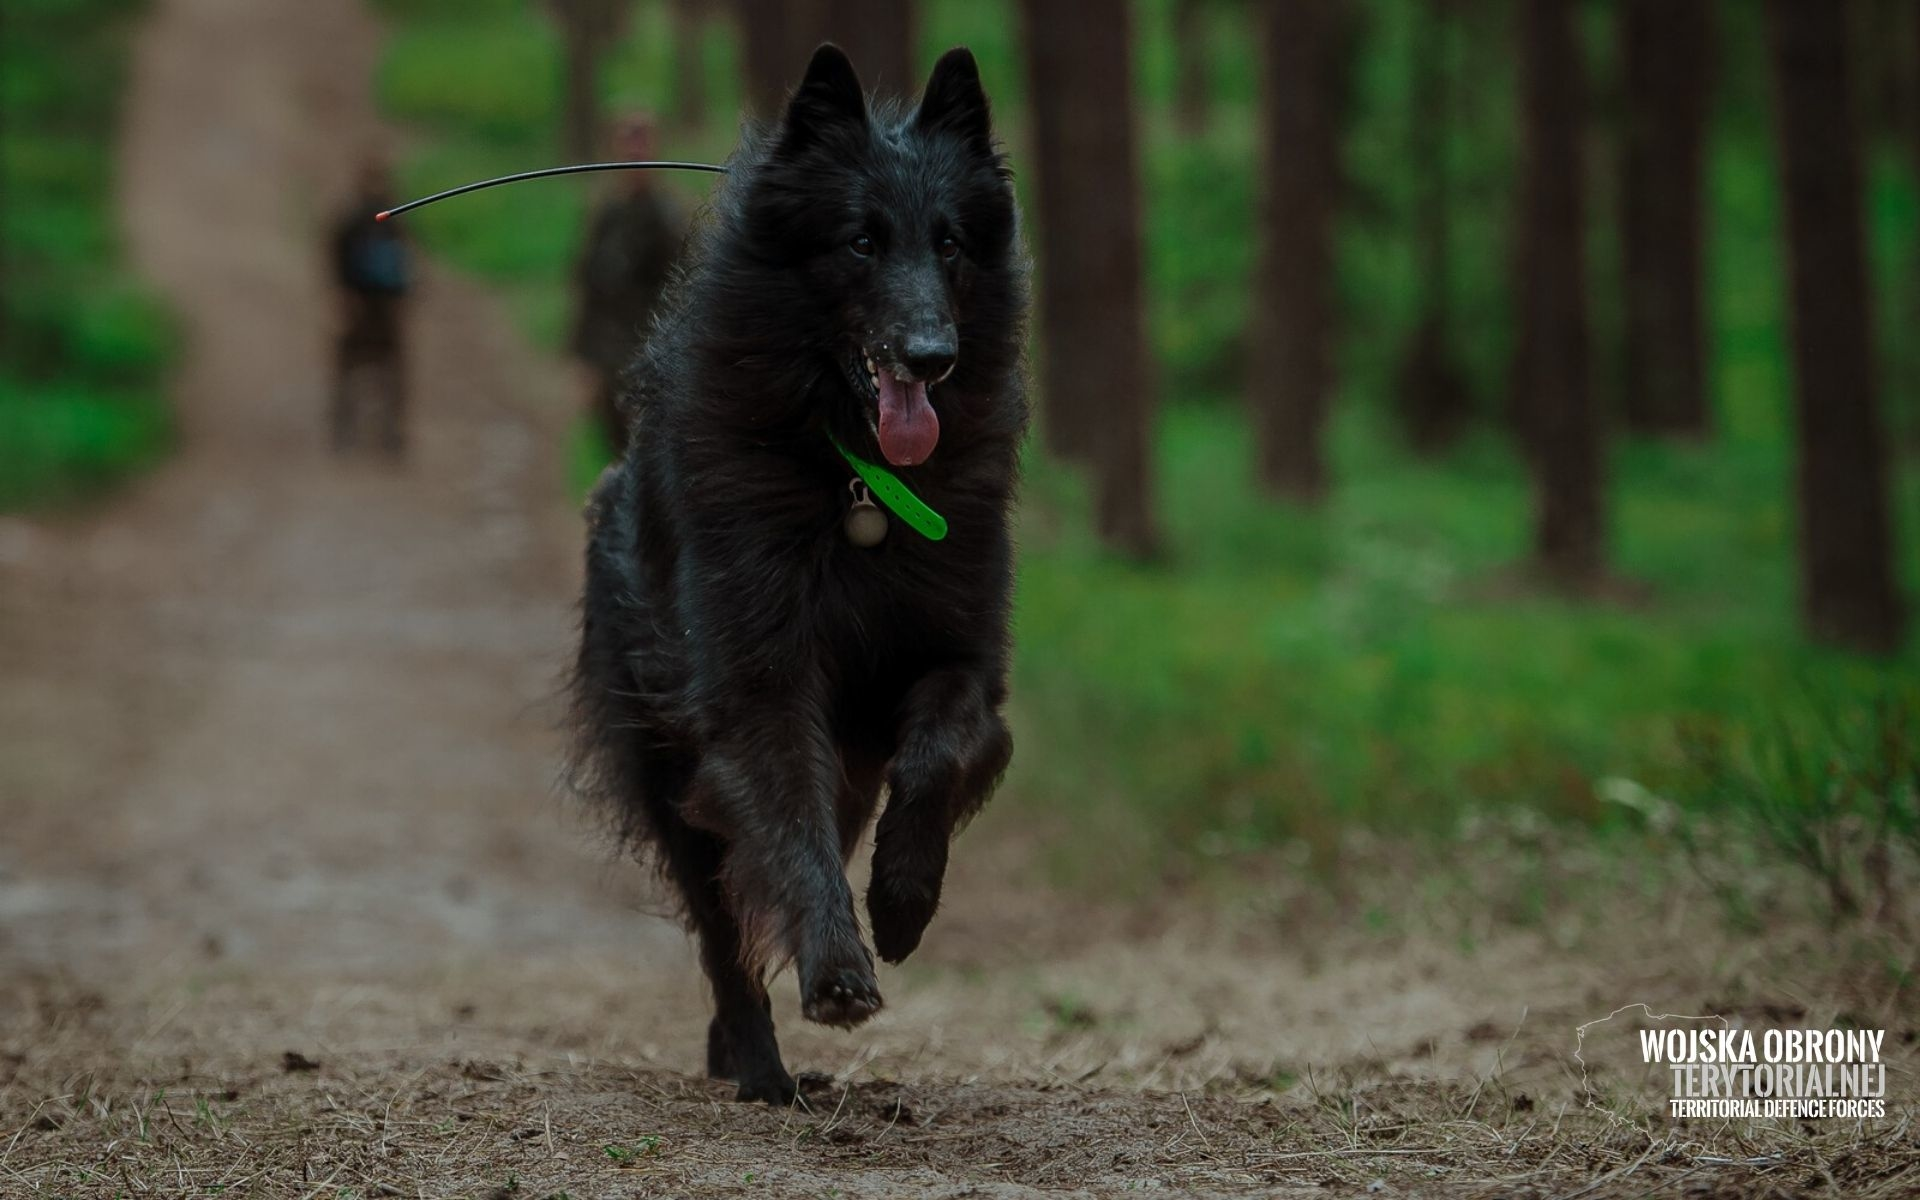 Poznajcie Aresa - pierwszego ratowniczego psa w Wojsku Polskim [FOTO] - Zdjęcie główne